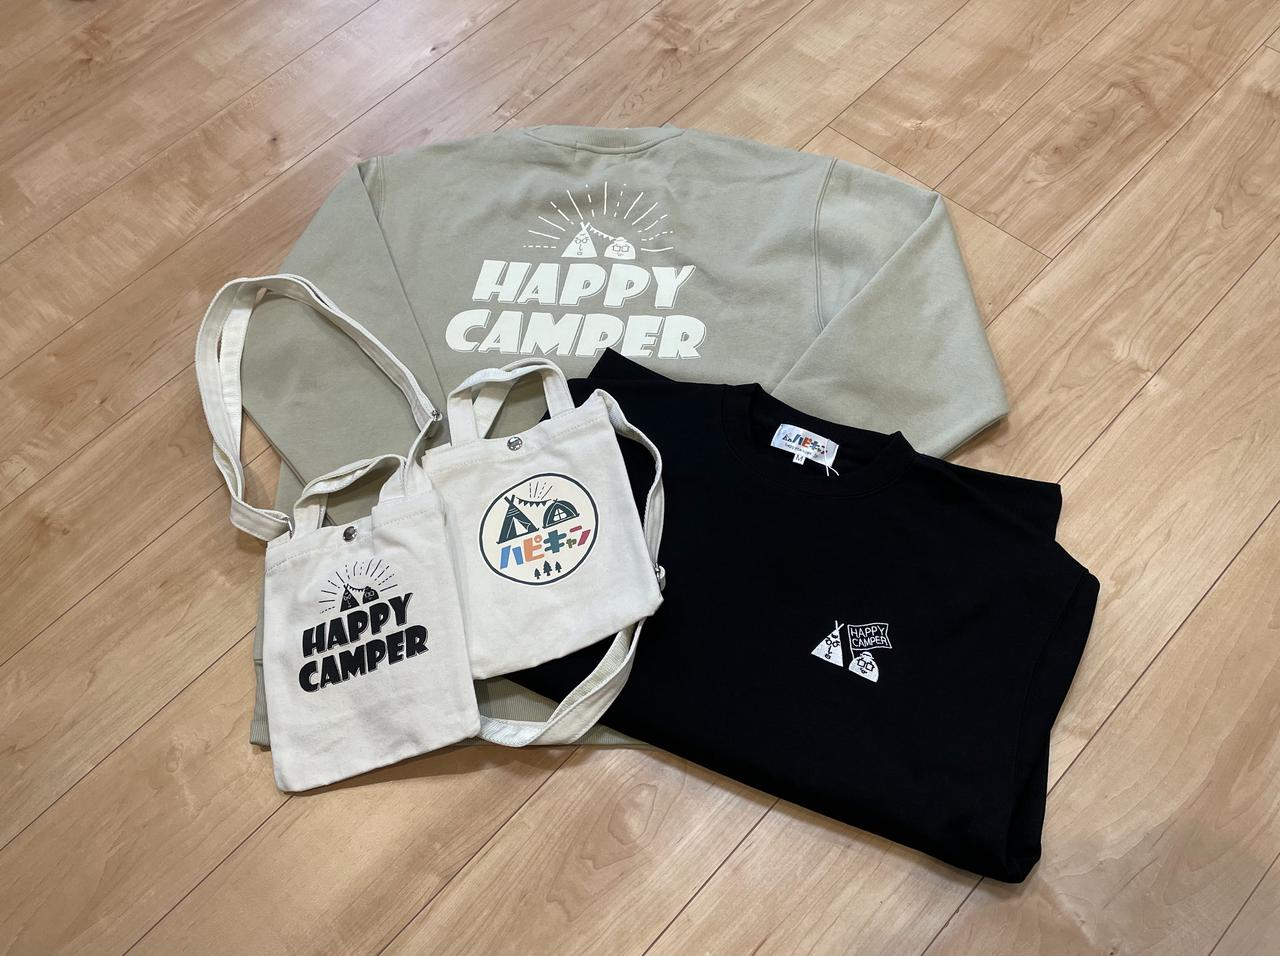 【Avail(アベイル)xハピキャン】コラボが実現!オリジナルのトレーナー・ショルダーバッグを10月27日よりアベイル全店で発売スタート!